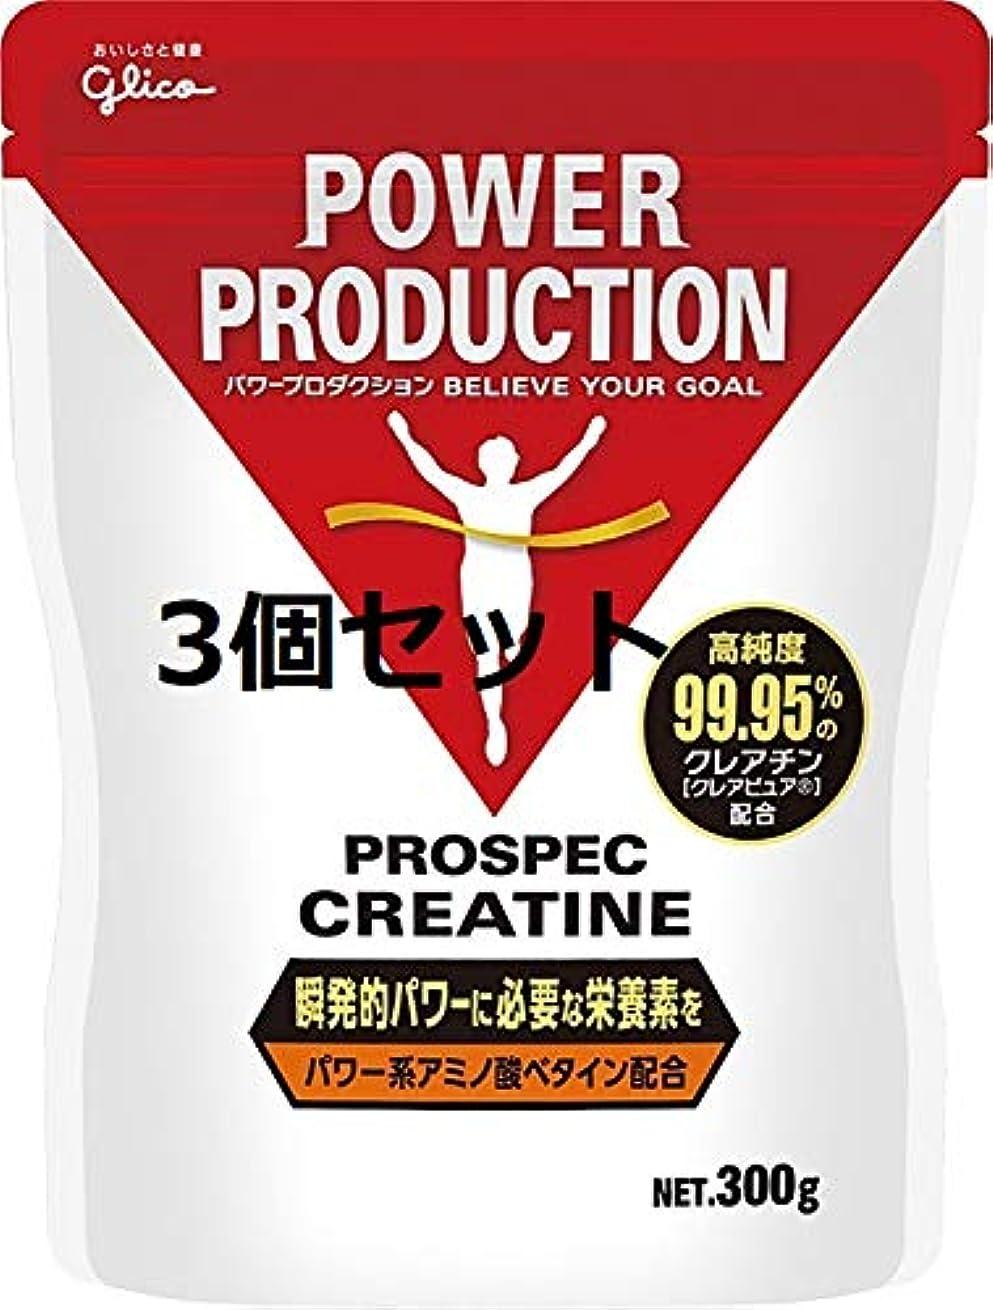 けん引スカイ食品【3個セット】グリコ アミノ酸プロスペッククレアチンパウダー PROSUPEC CREATINE 300g Glico